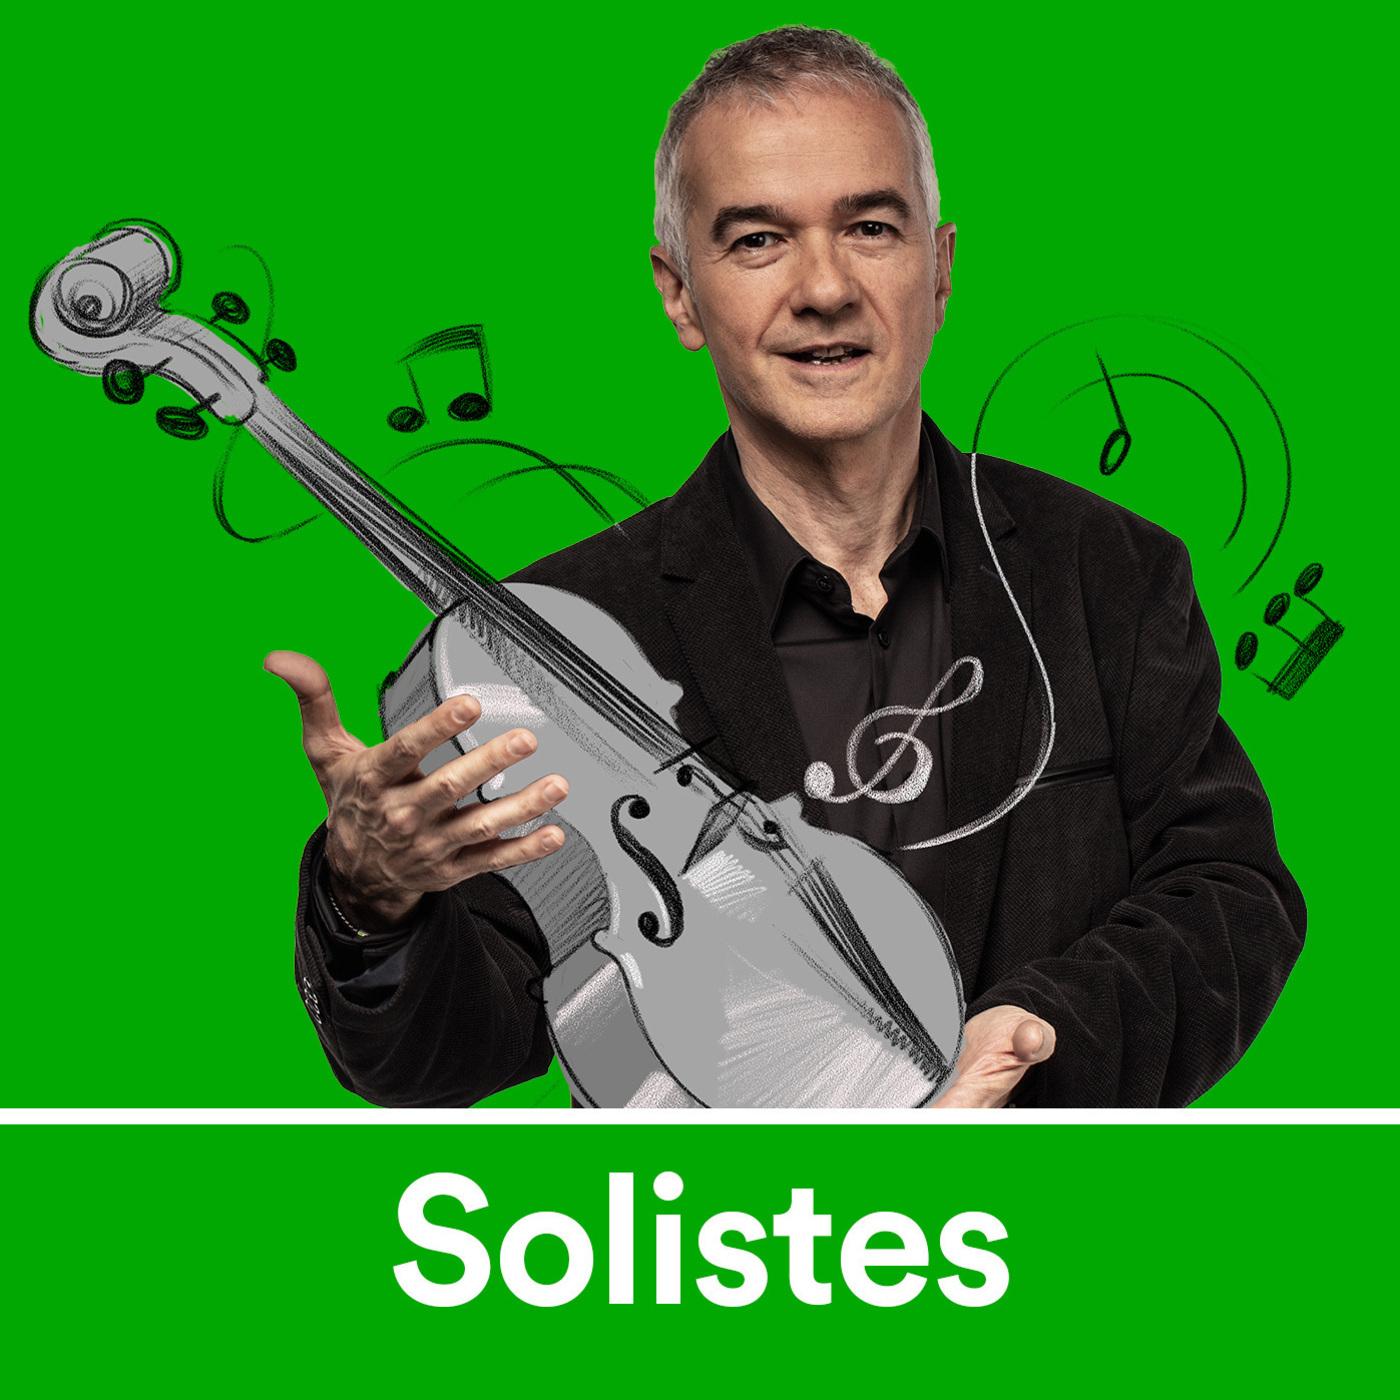 Solistes